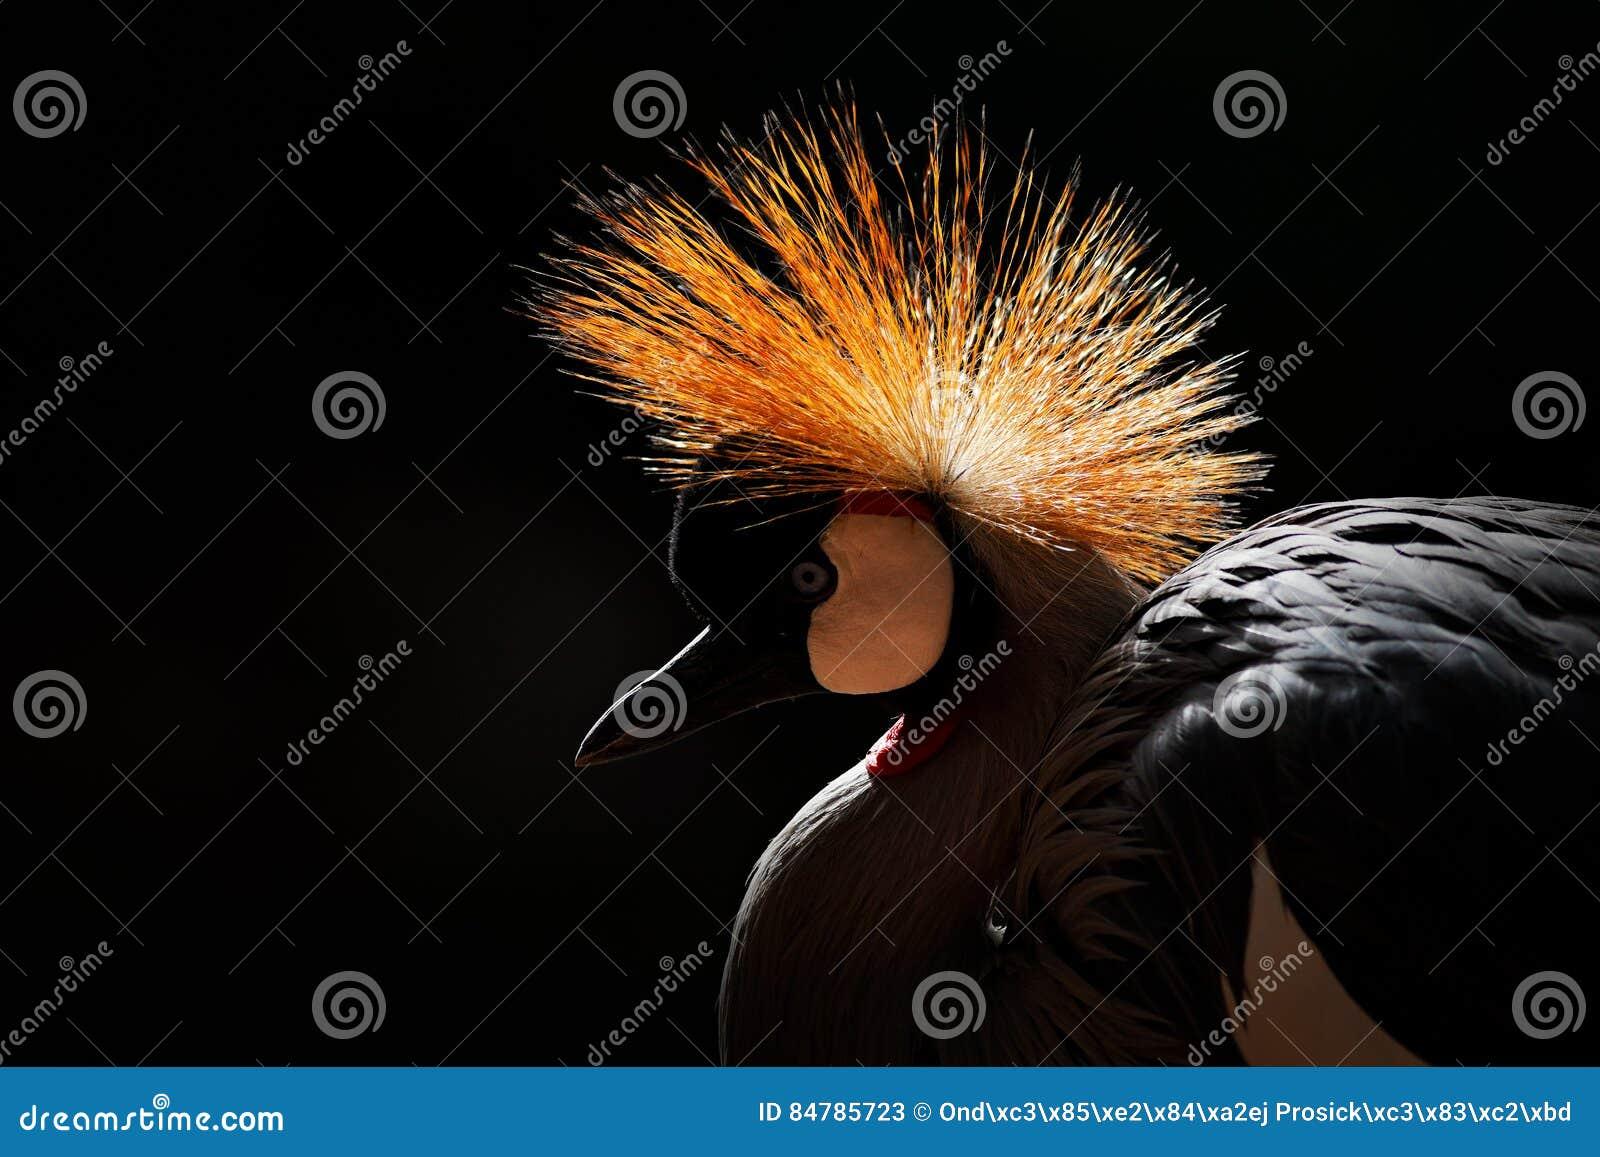 Imagem da arte do pássaro O cinza coroou o guindaste, regulorum de Balearica, com fundo escuro Cabeça do pássaro com crista do ou